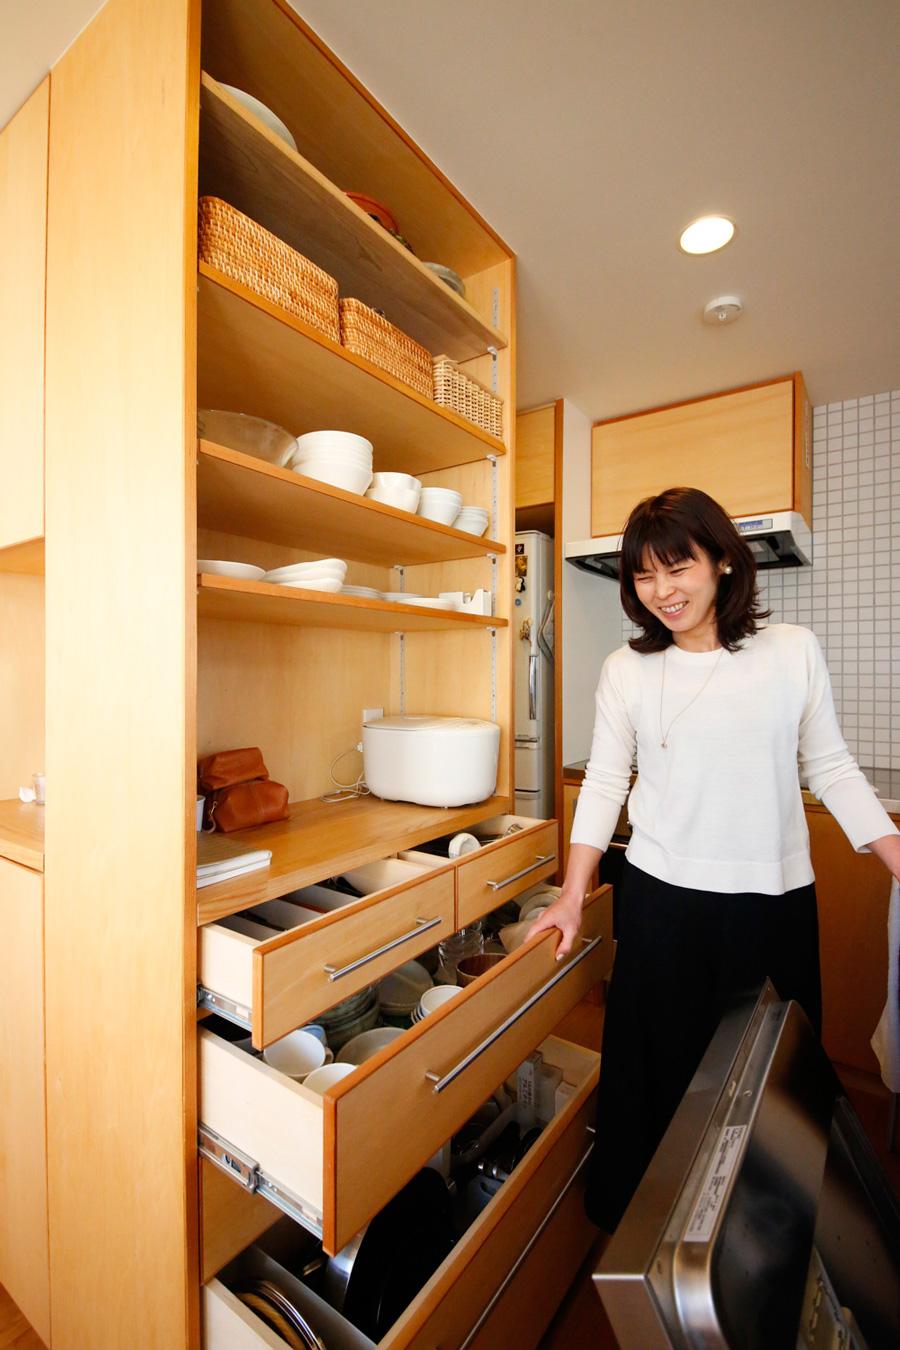 整理収納コンサルタント・森山尚美さん。シンプルでミニマルな暮らしをモットーとする。http://ameblo.jp/moriyamanaomi/